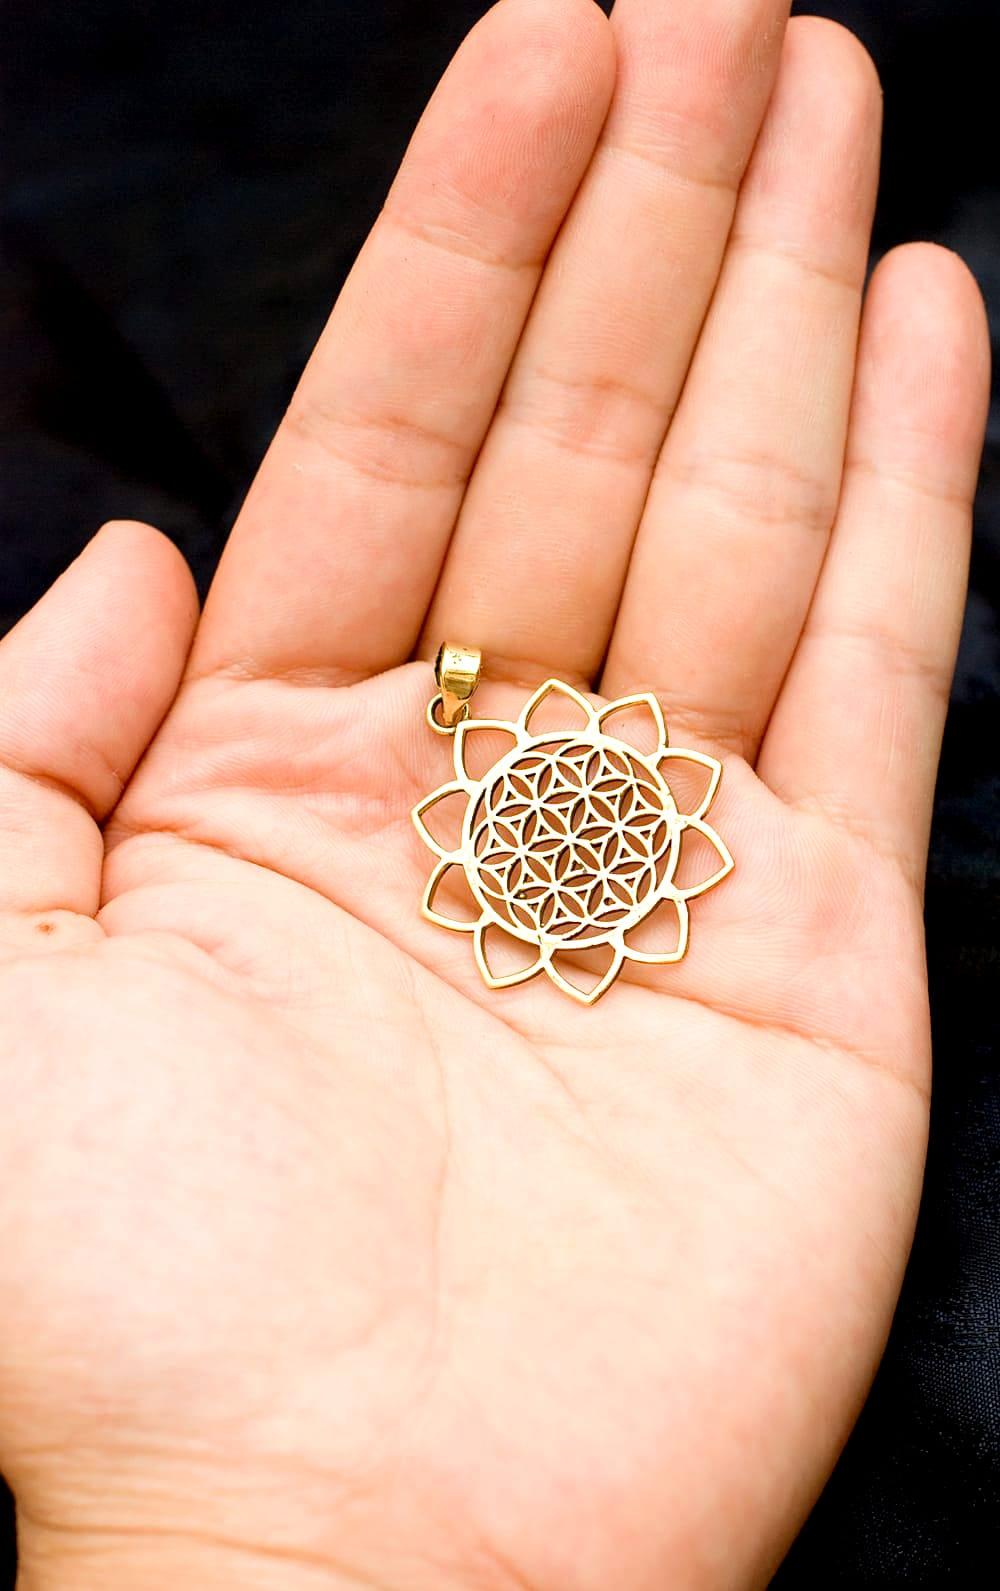 Flower of Lifeの花ふちどりゴールドペンダントトップ 【首用の紐付き】  -直径約3.5cm 5 - 手に持ってサイズがわかりやすいようにしてみました